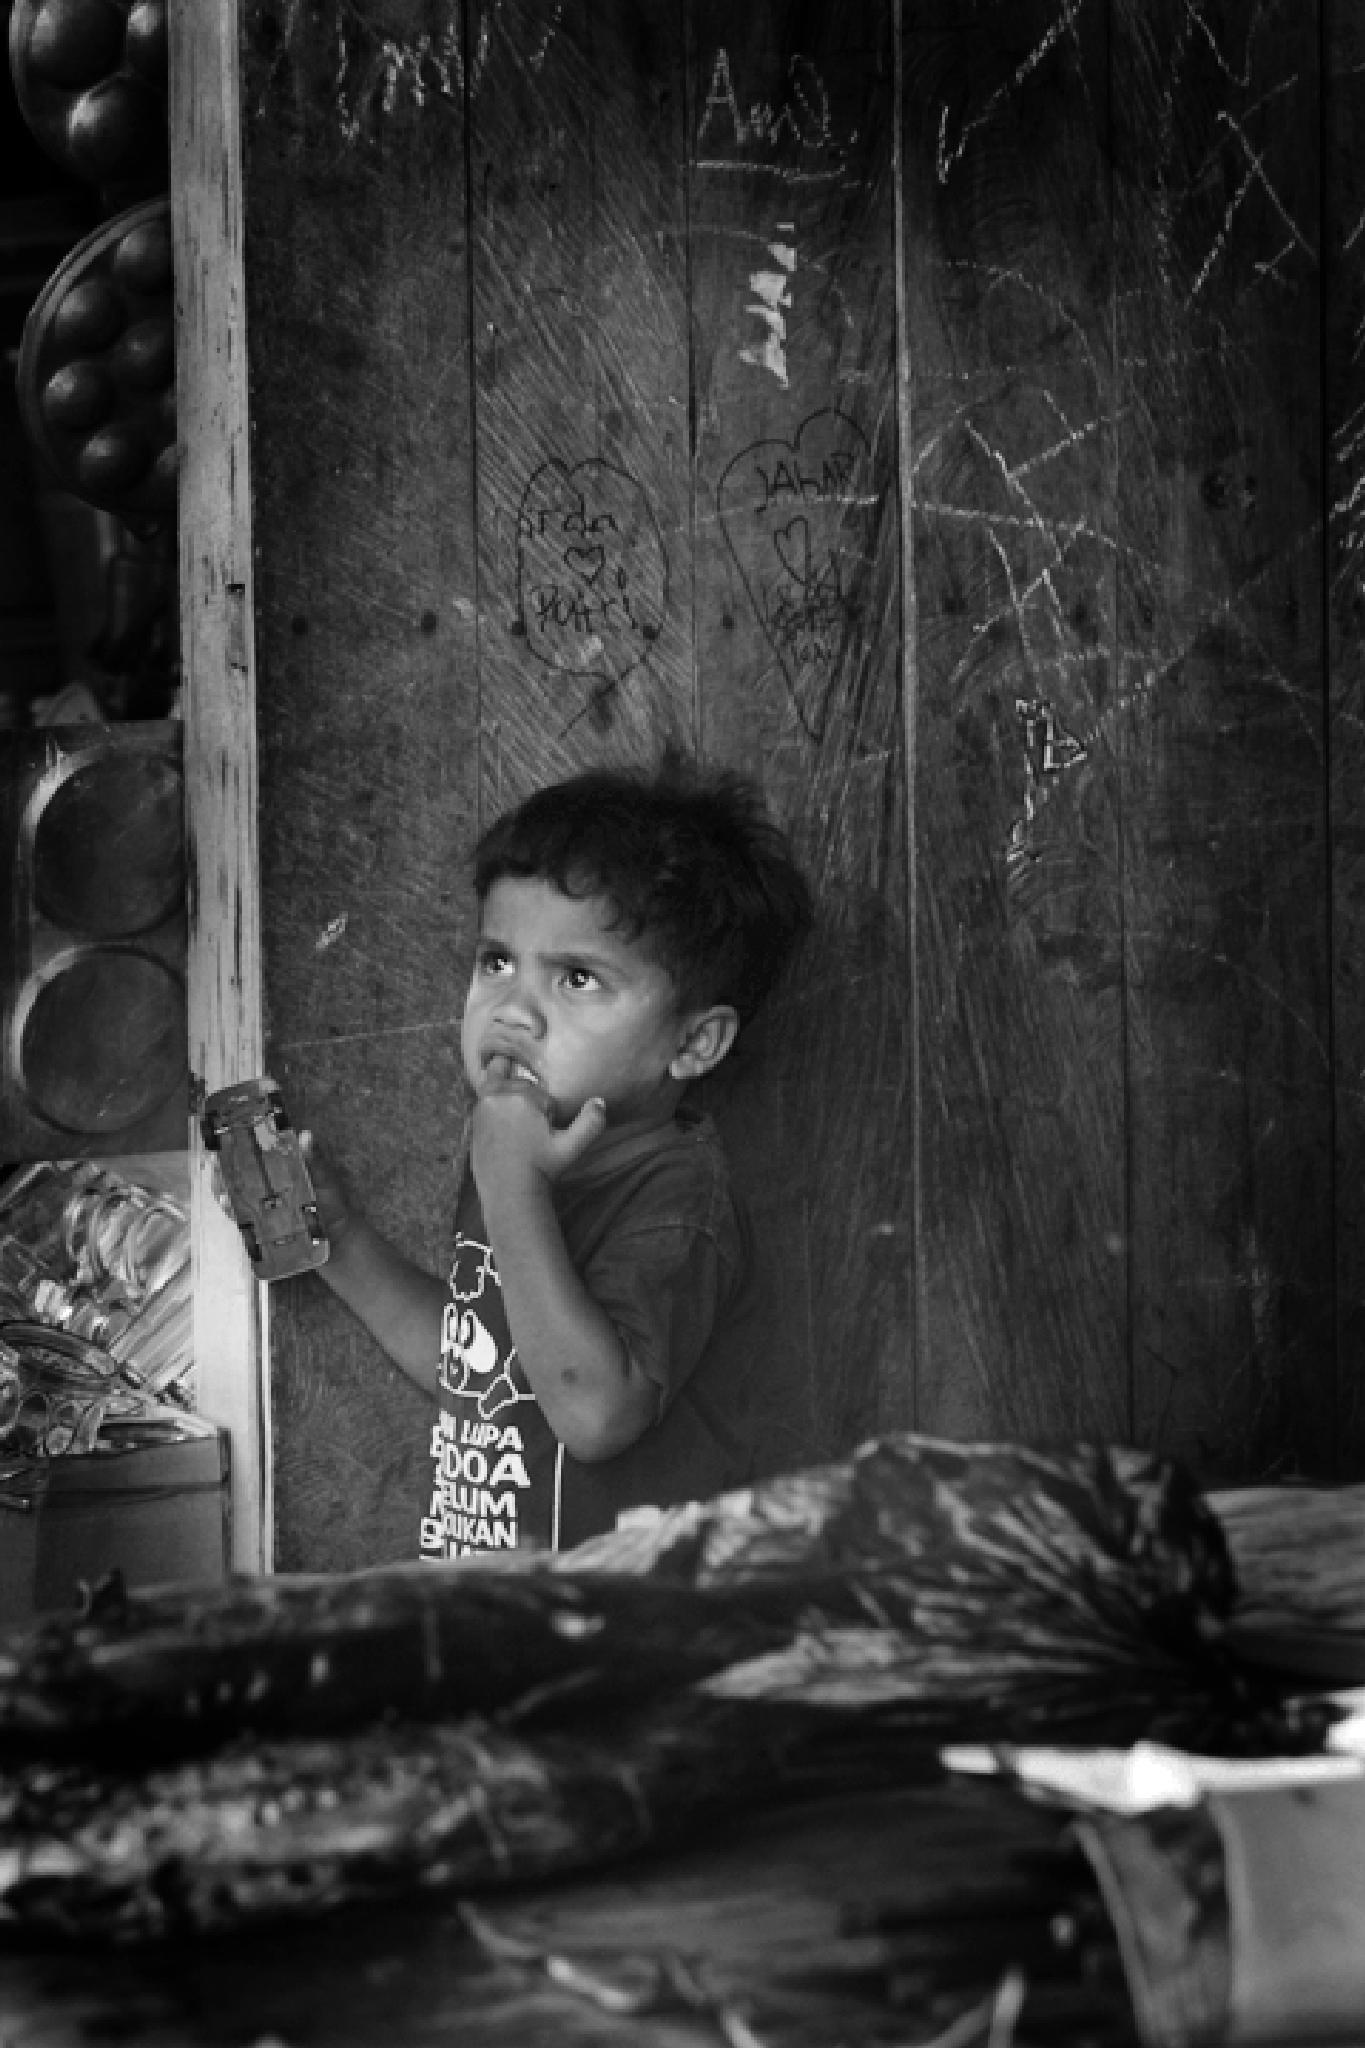 Focus of fear Eye of a Moppet. by Hamzah Zain